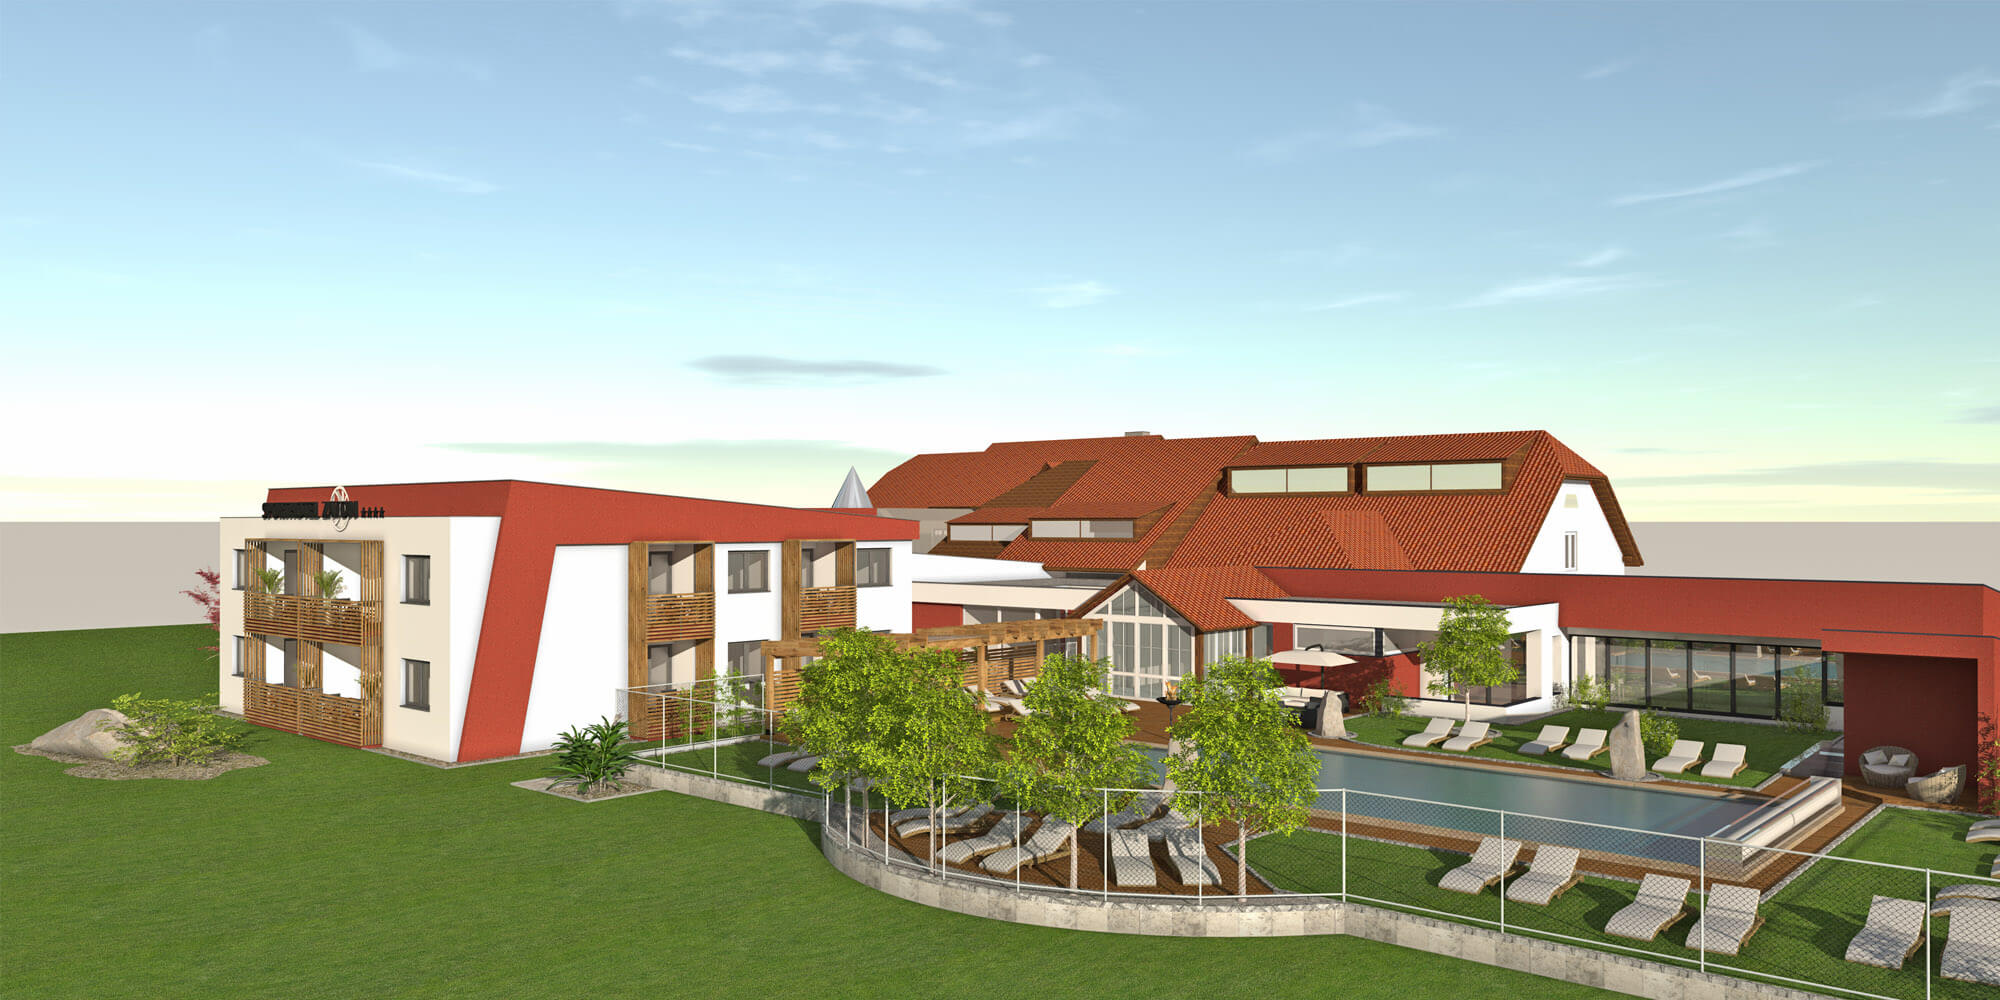 Crea-Plan-Design-Rauch-Frühmann-Architektur-Innenarchitektur-Design-Projekt-Referenz-Hotelerie-Gastronomie-Hotel-Sporthotel-Zaton-Titelbild